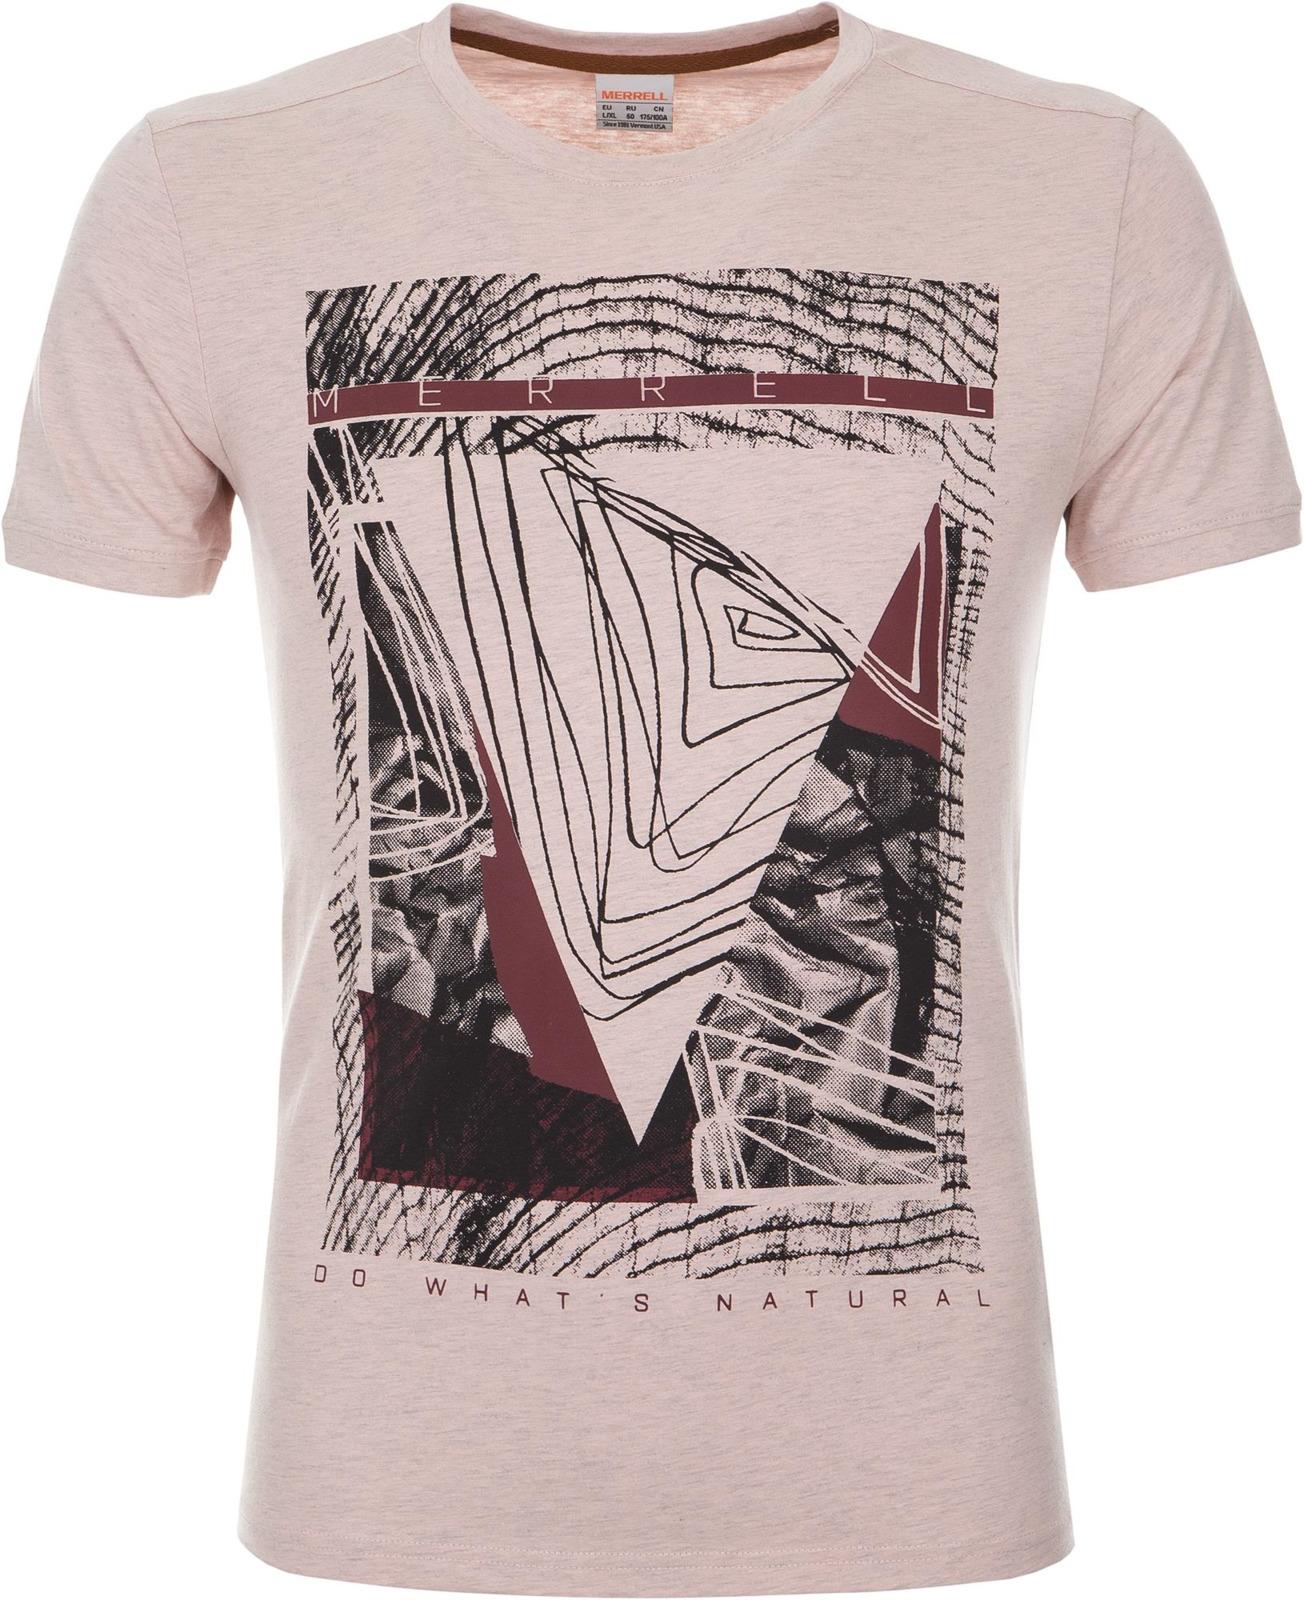 цена на Футболка Merrell Men's T-Shirt